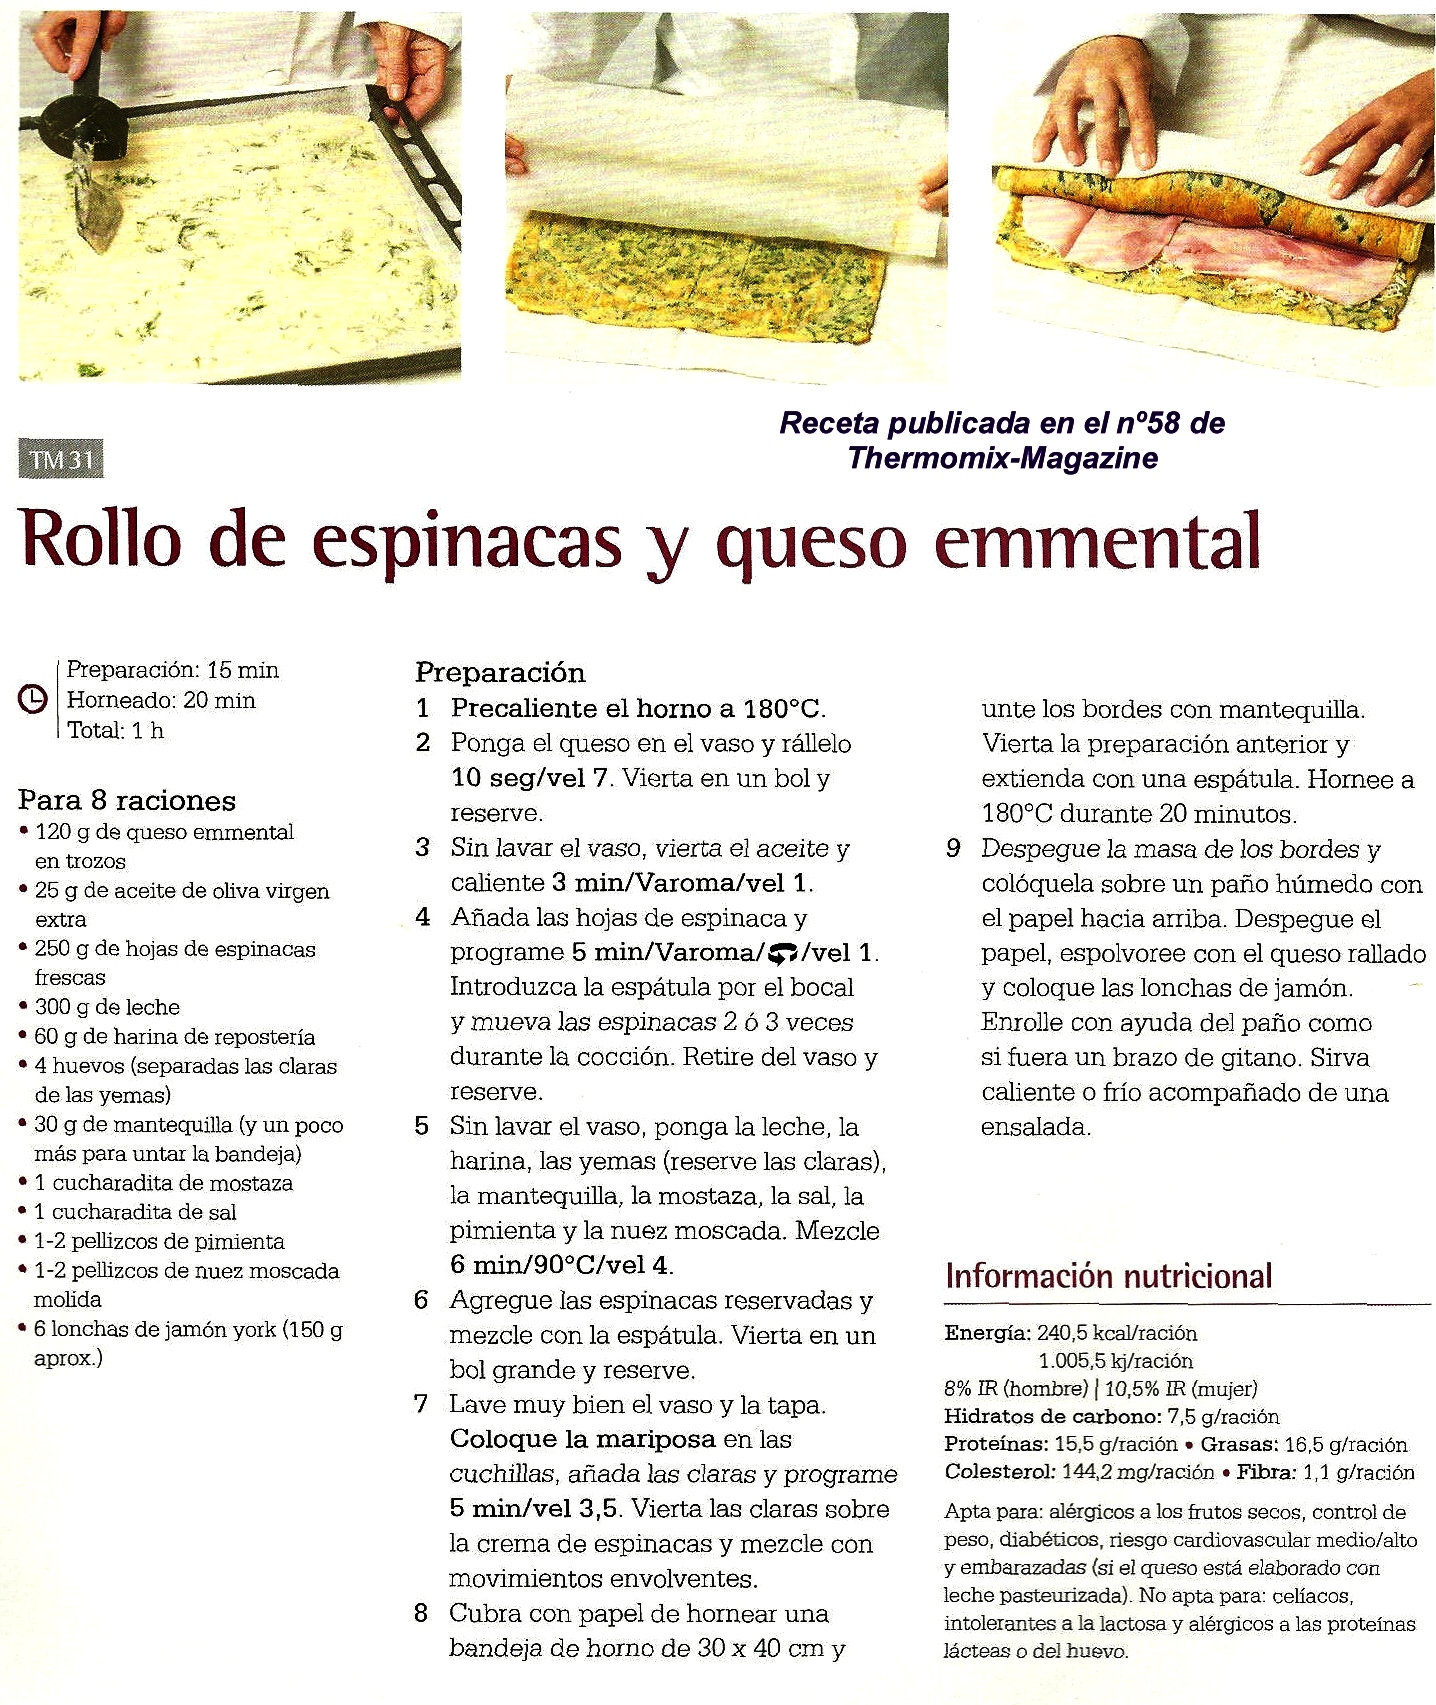 """RECETAS PARA EL VERANO CON Thermomix® : """"ROLLO DE ESPINACAS Y QUESO EMMENTAL"""""""